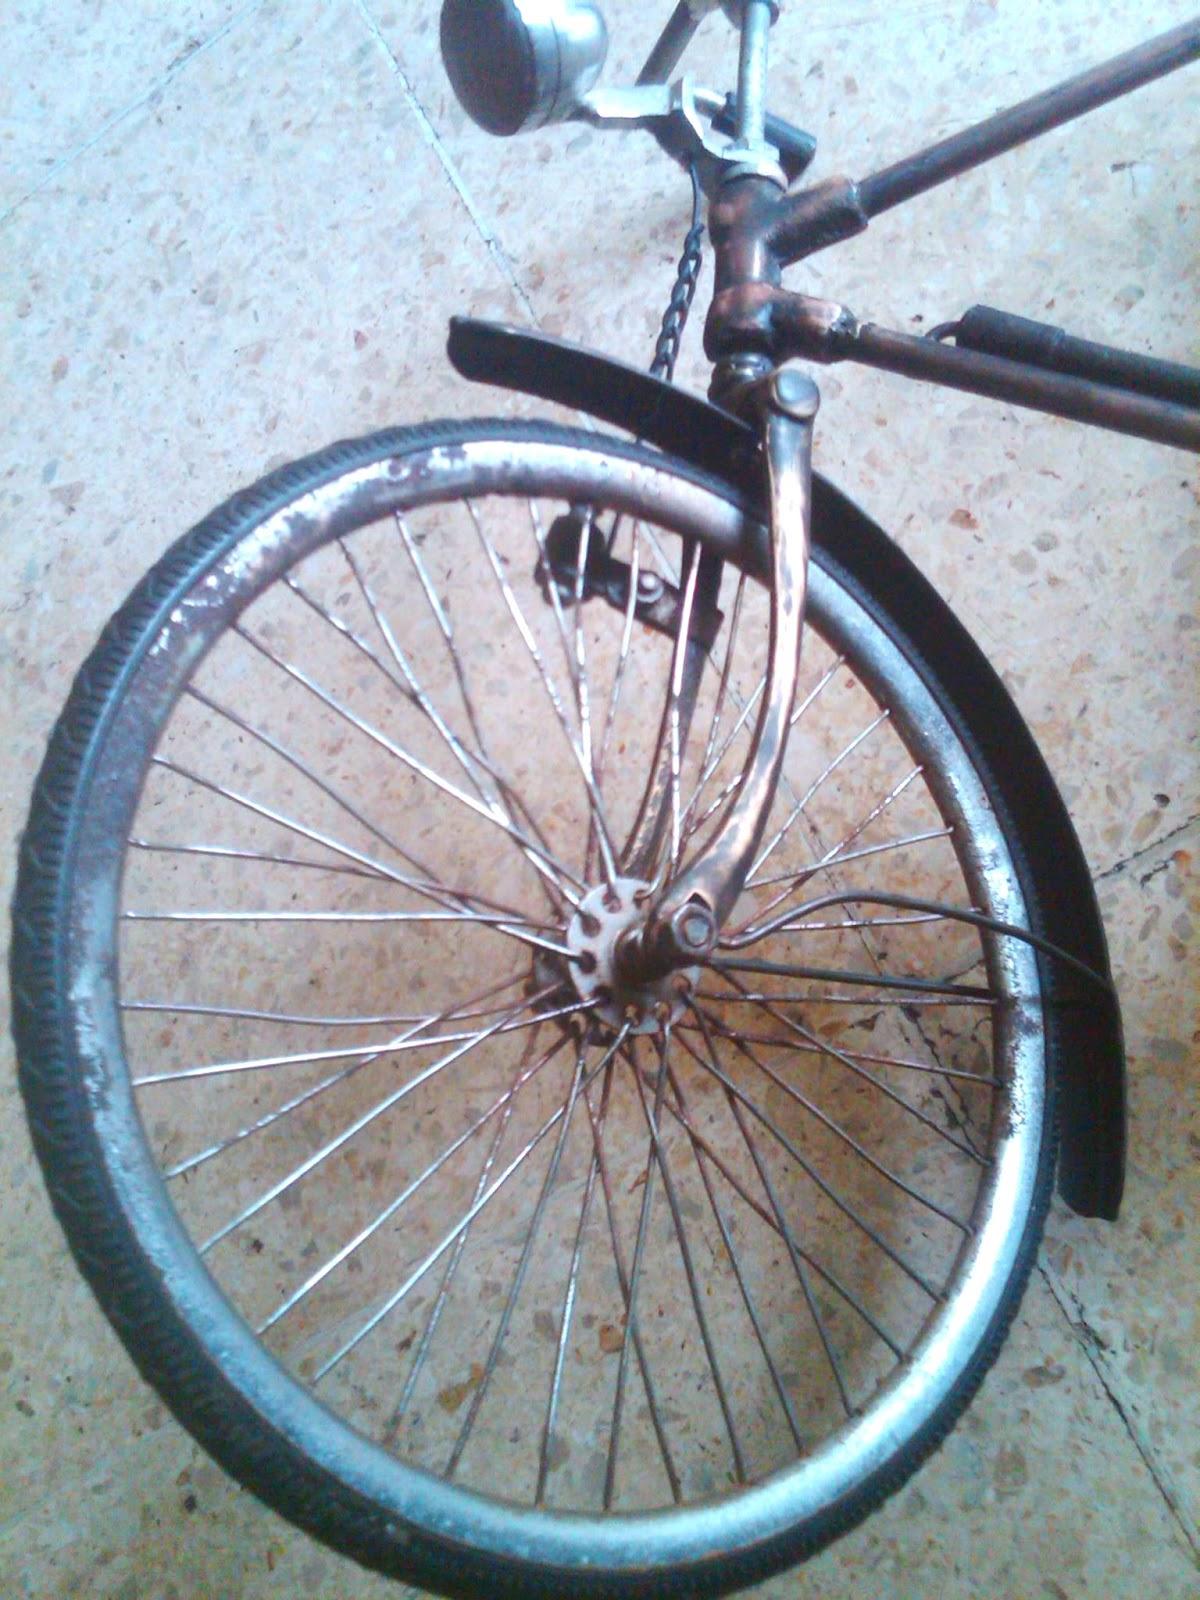 Toko Barang Bekas-ku: Miniatur Sepeda Ontel Antik